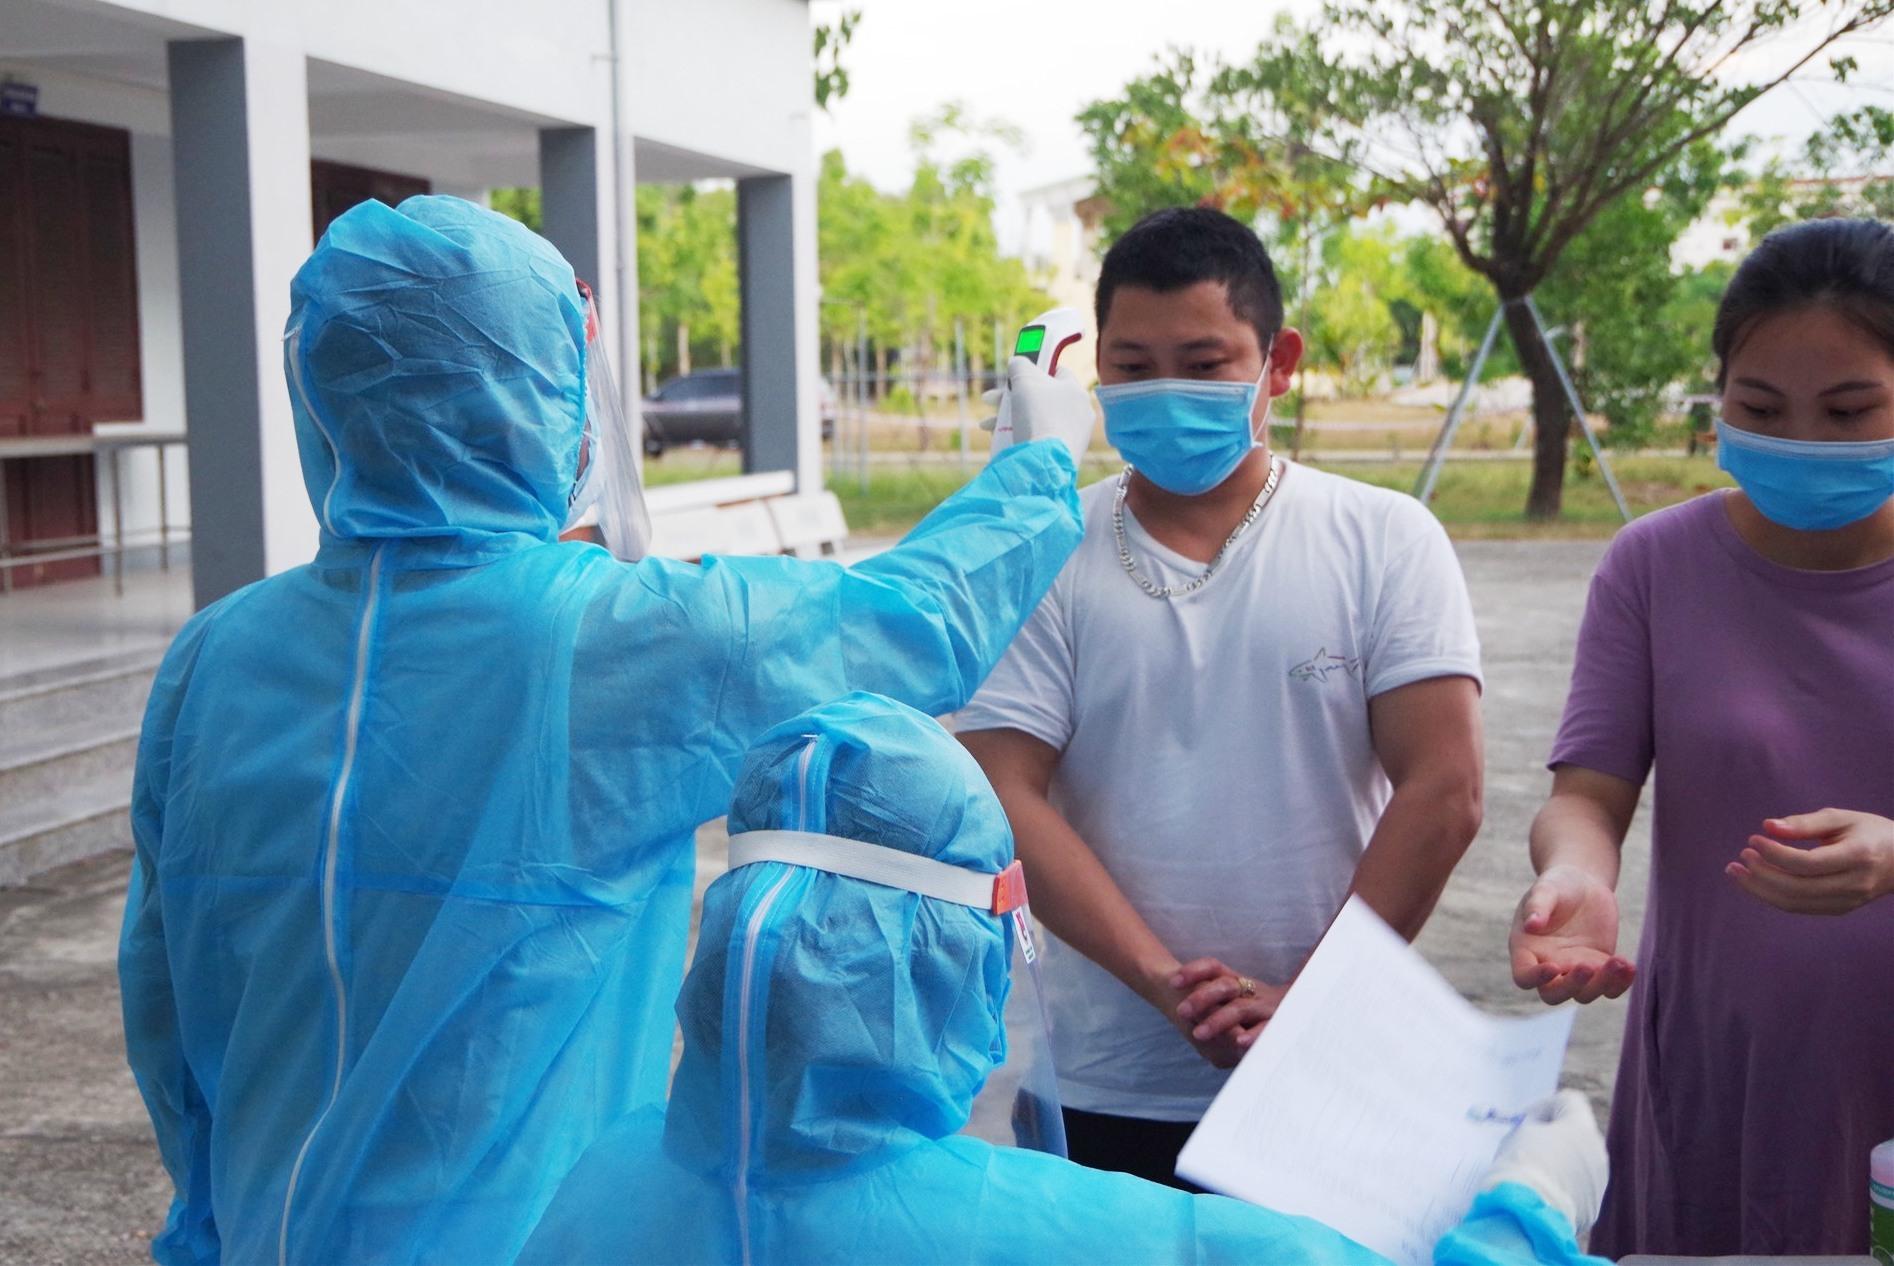 Kiểm tra y tế cho những người được đưa vào khu cách ly. Ảnh: T.P